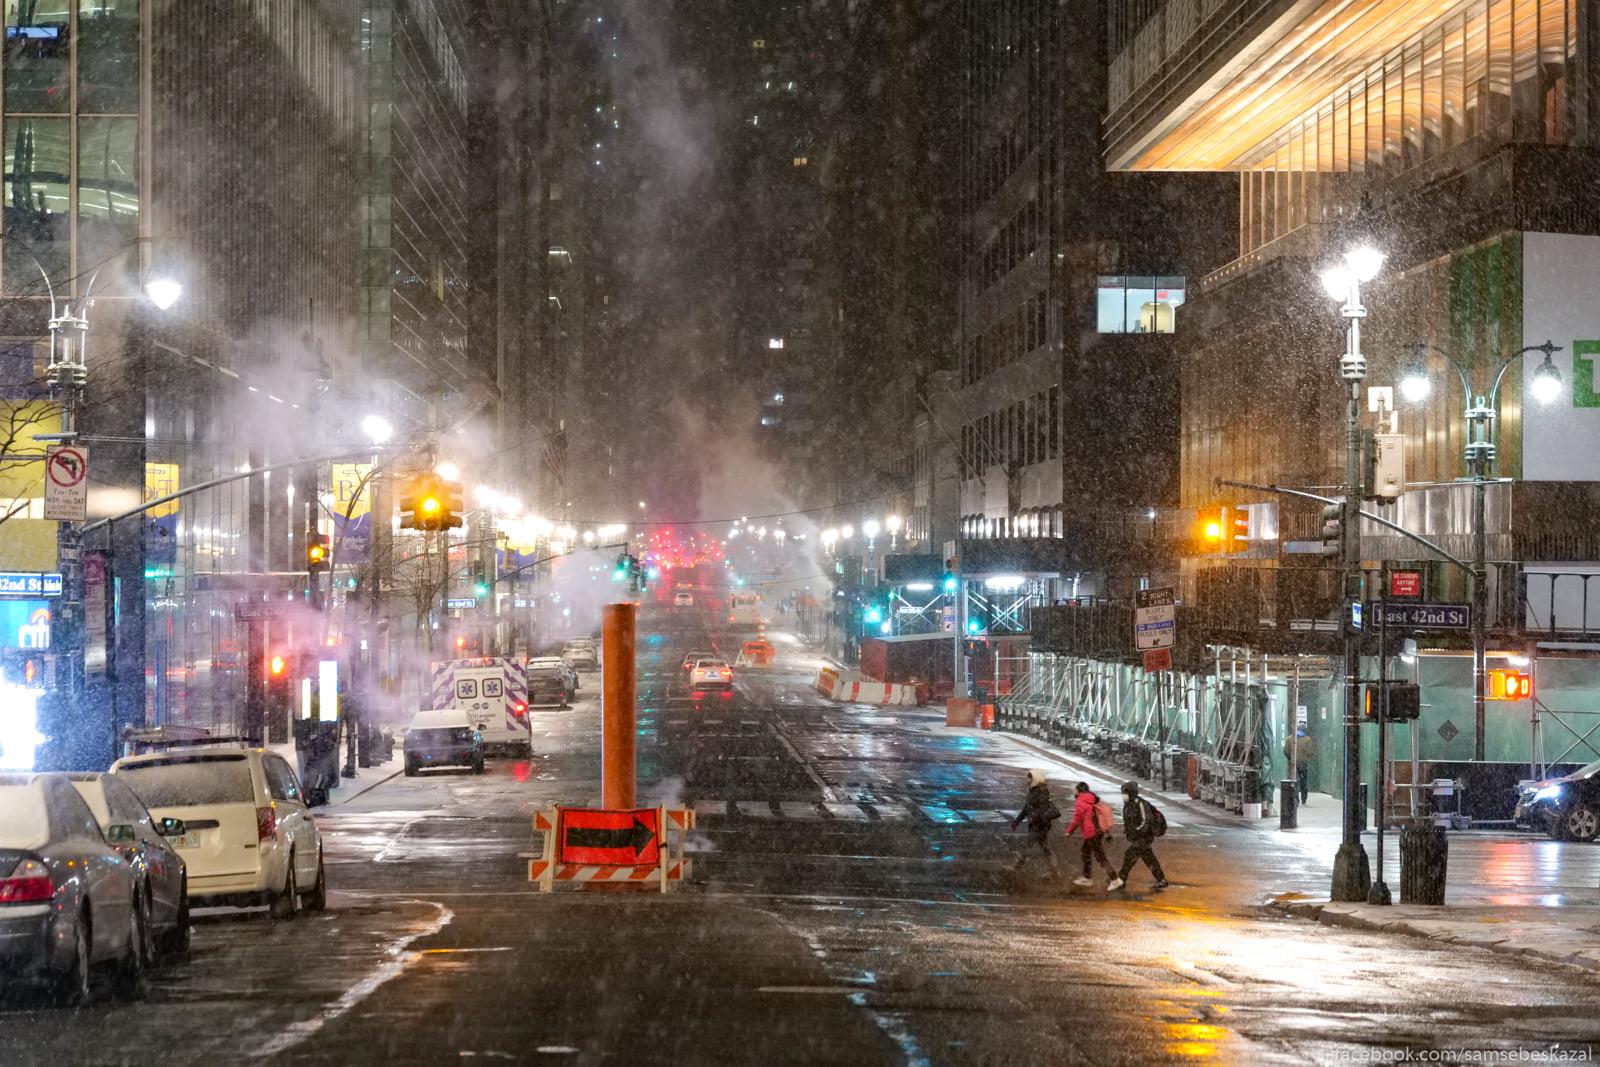 Sneg poka dla goroda skoree...